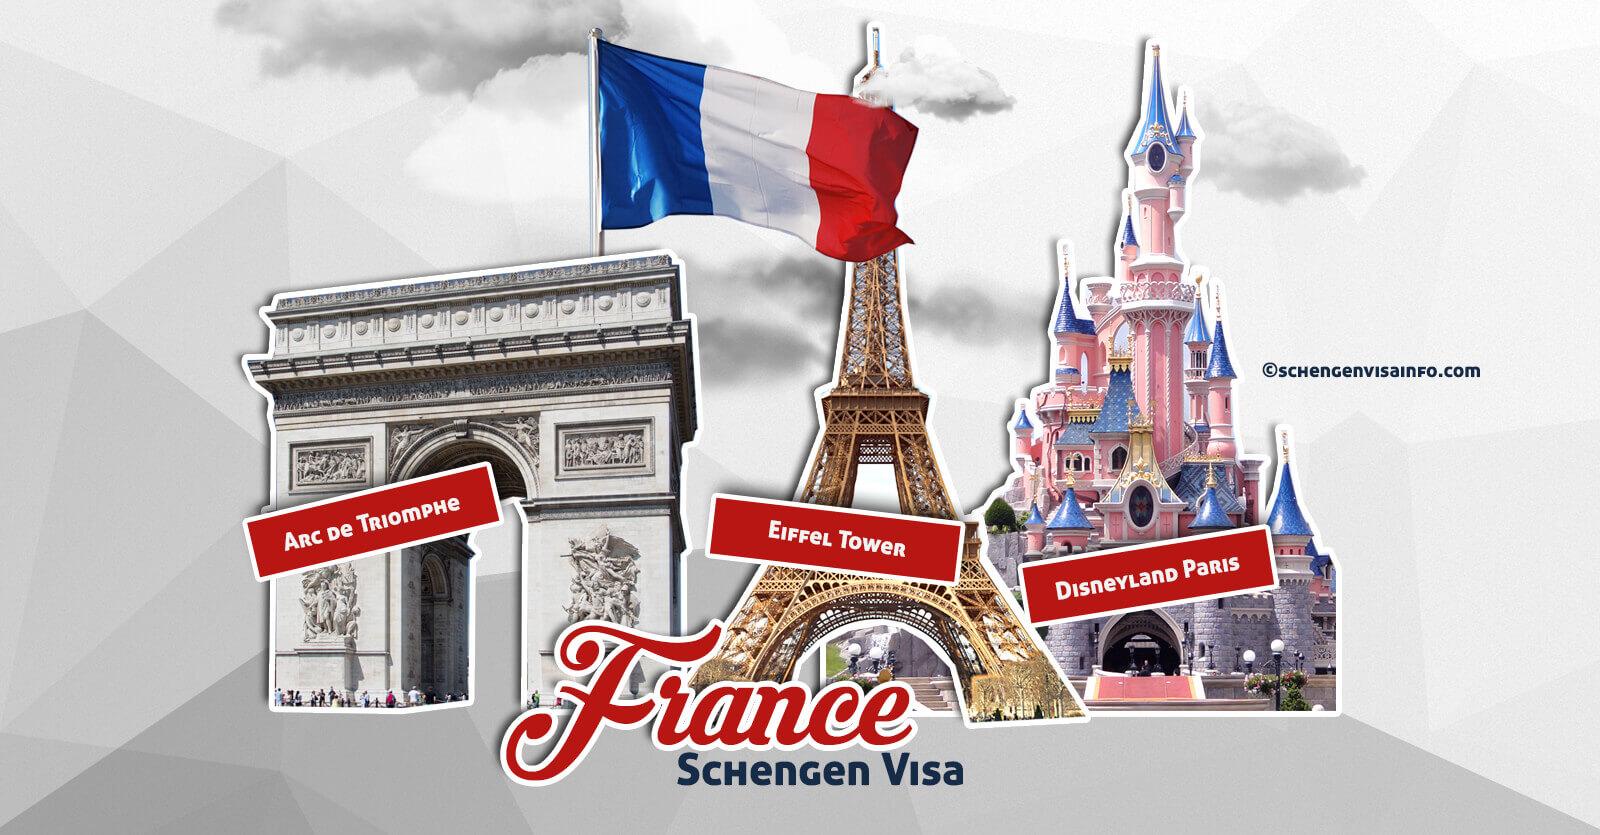 در فرانسه یک ICO ویزا برای شرکت WPO صادر شده است!